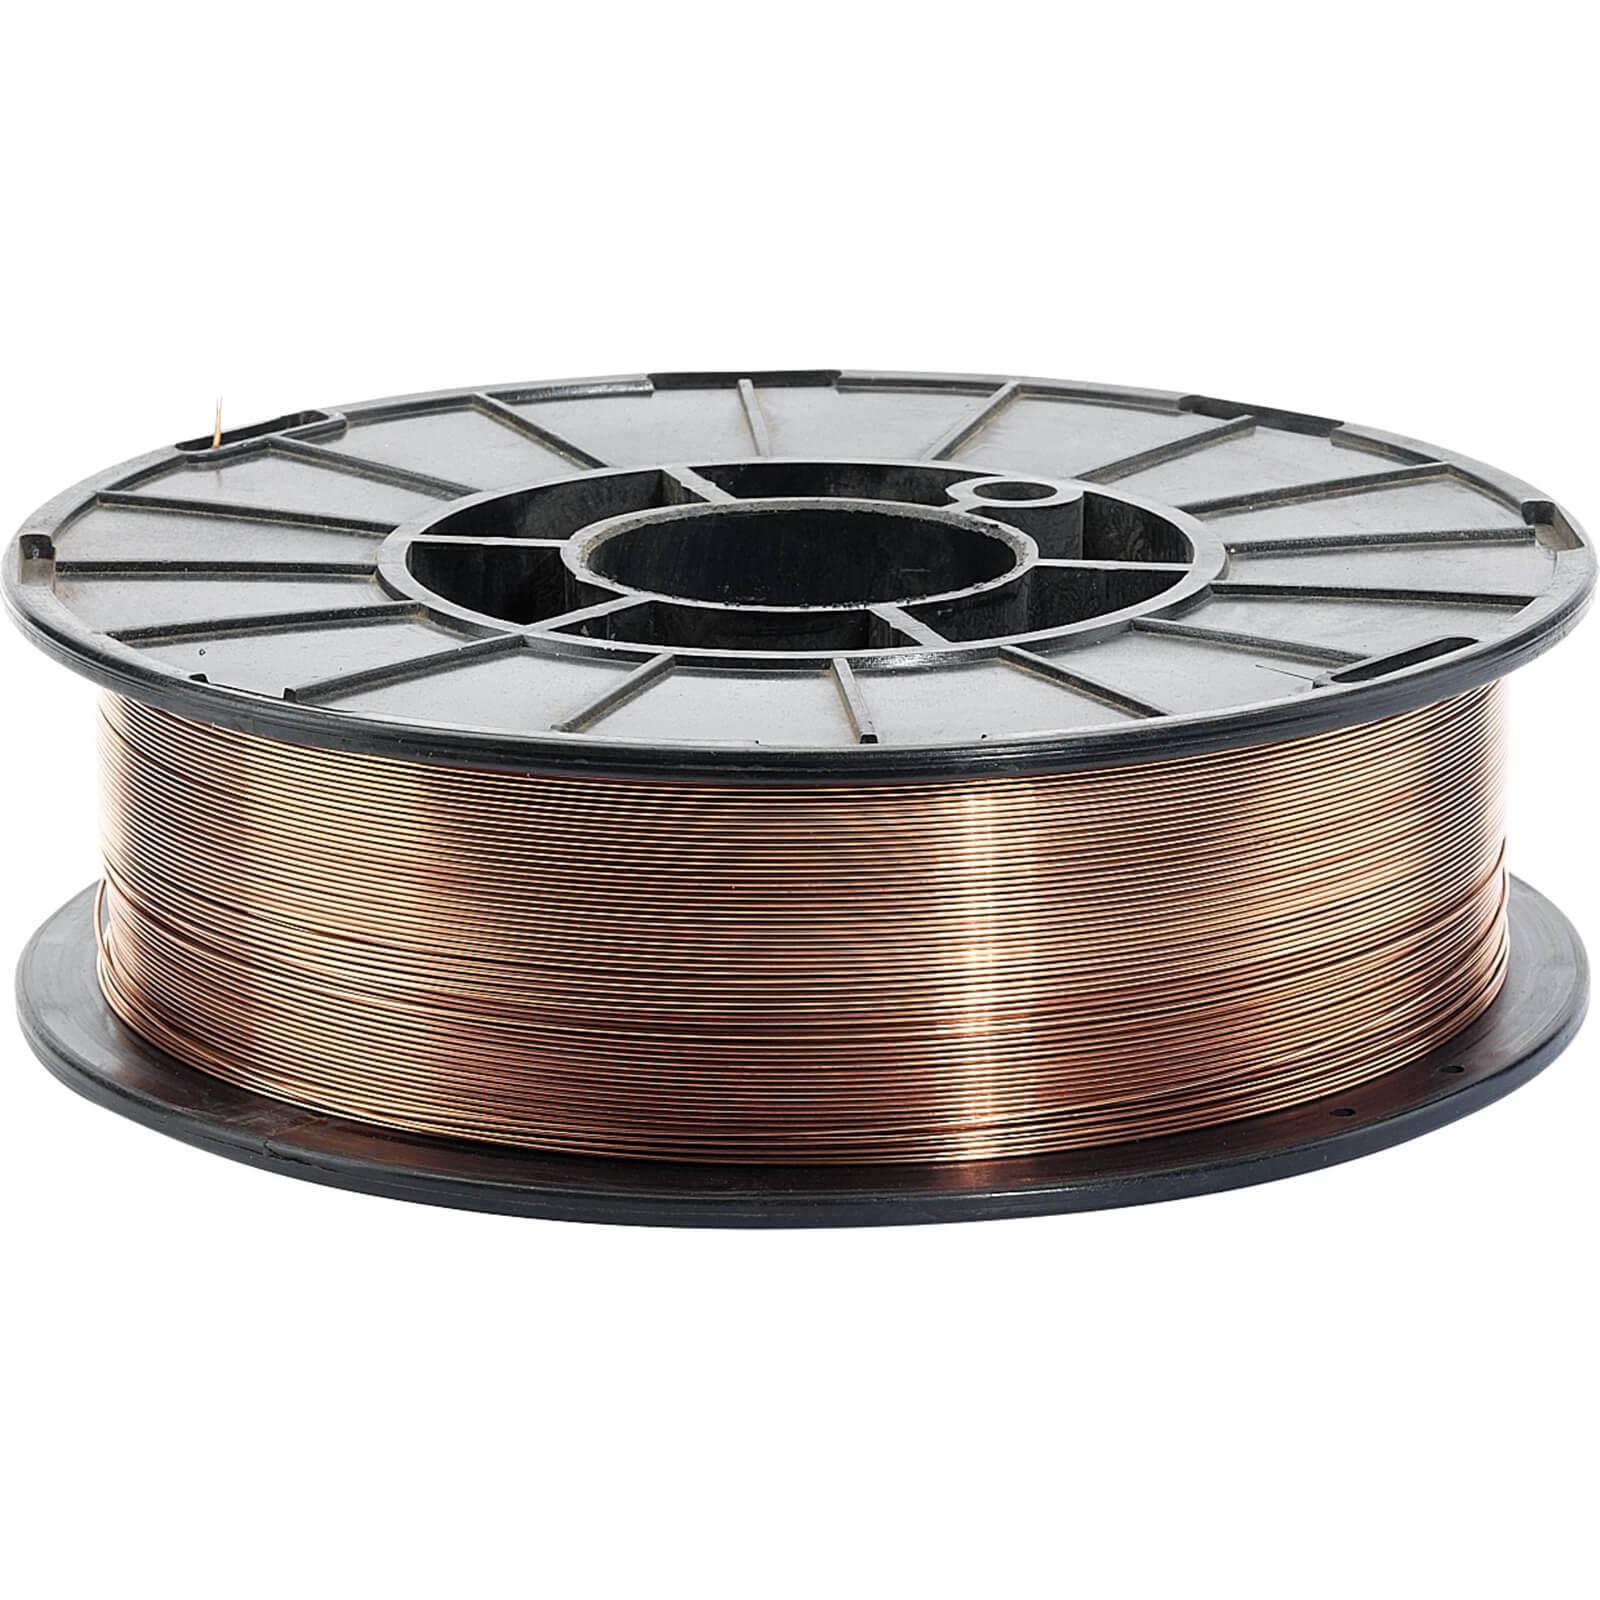 Draper Mild Steel Mig Wire 0.6mm 5kg